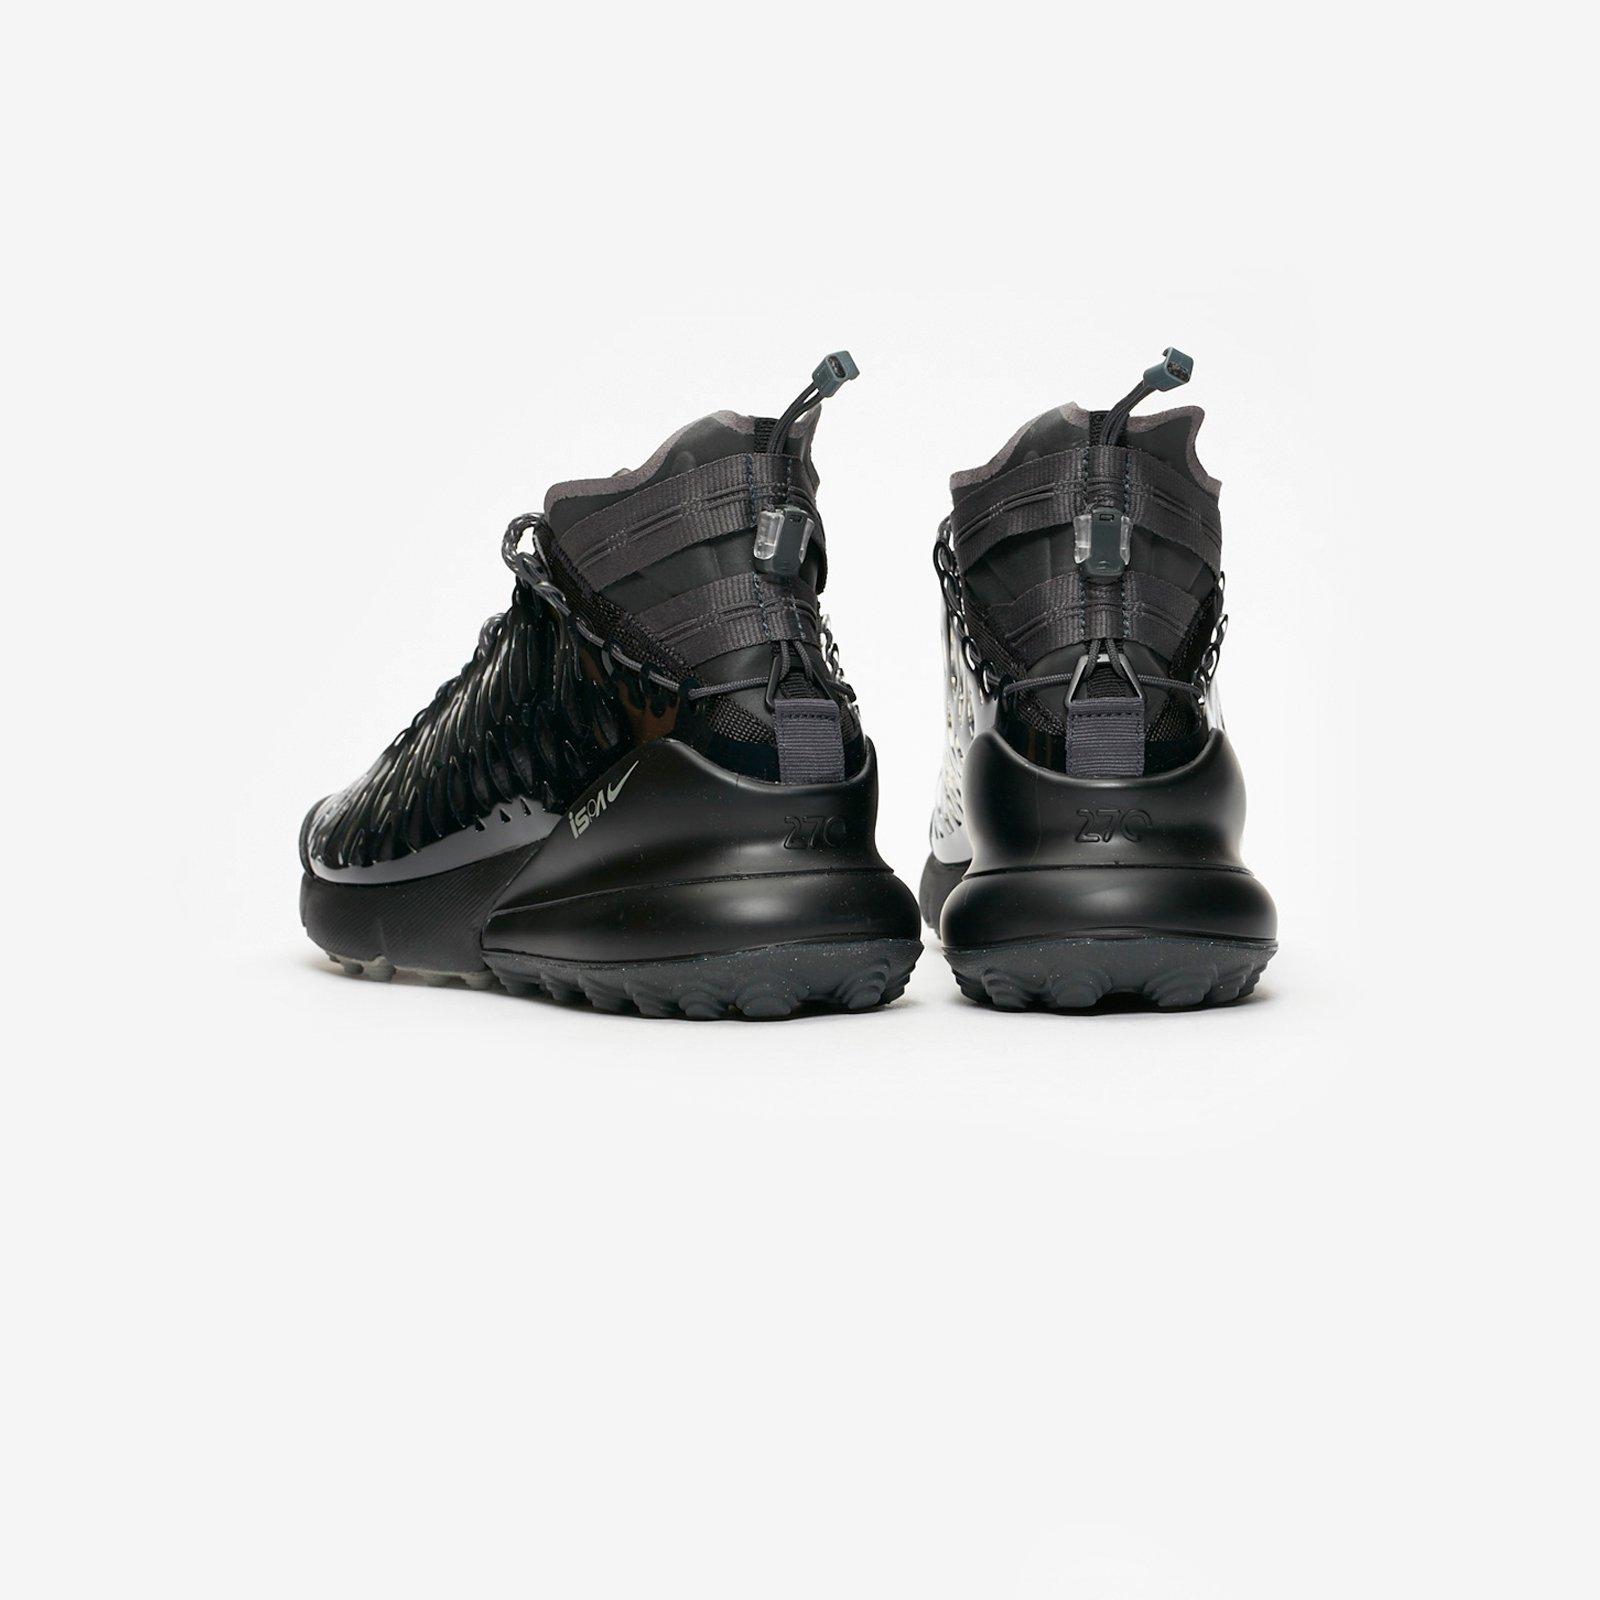 Nike Air Max 270 ISPA Bq1918 002 Sneakersnstuff I